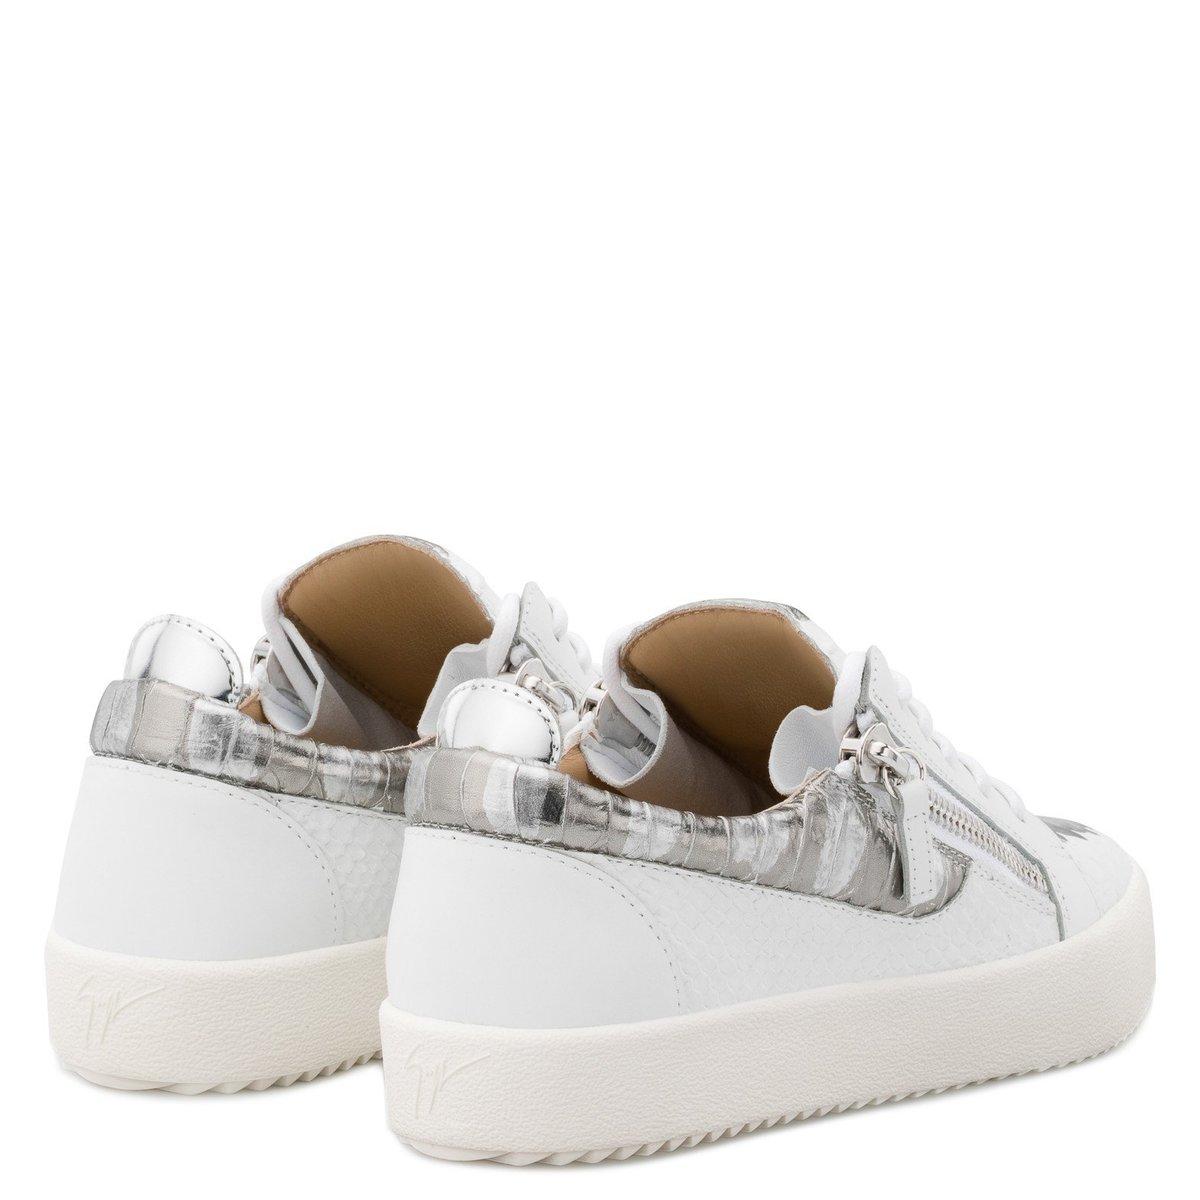 6141b9bc56a7c Giuseppe Zanotti Gail Metallic Low Top Sneaker - White/Silver ...